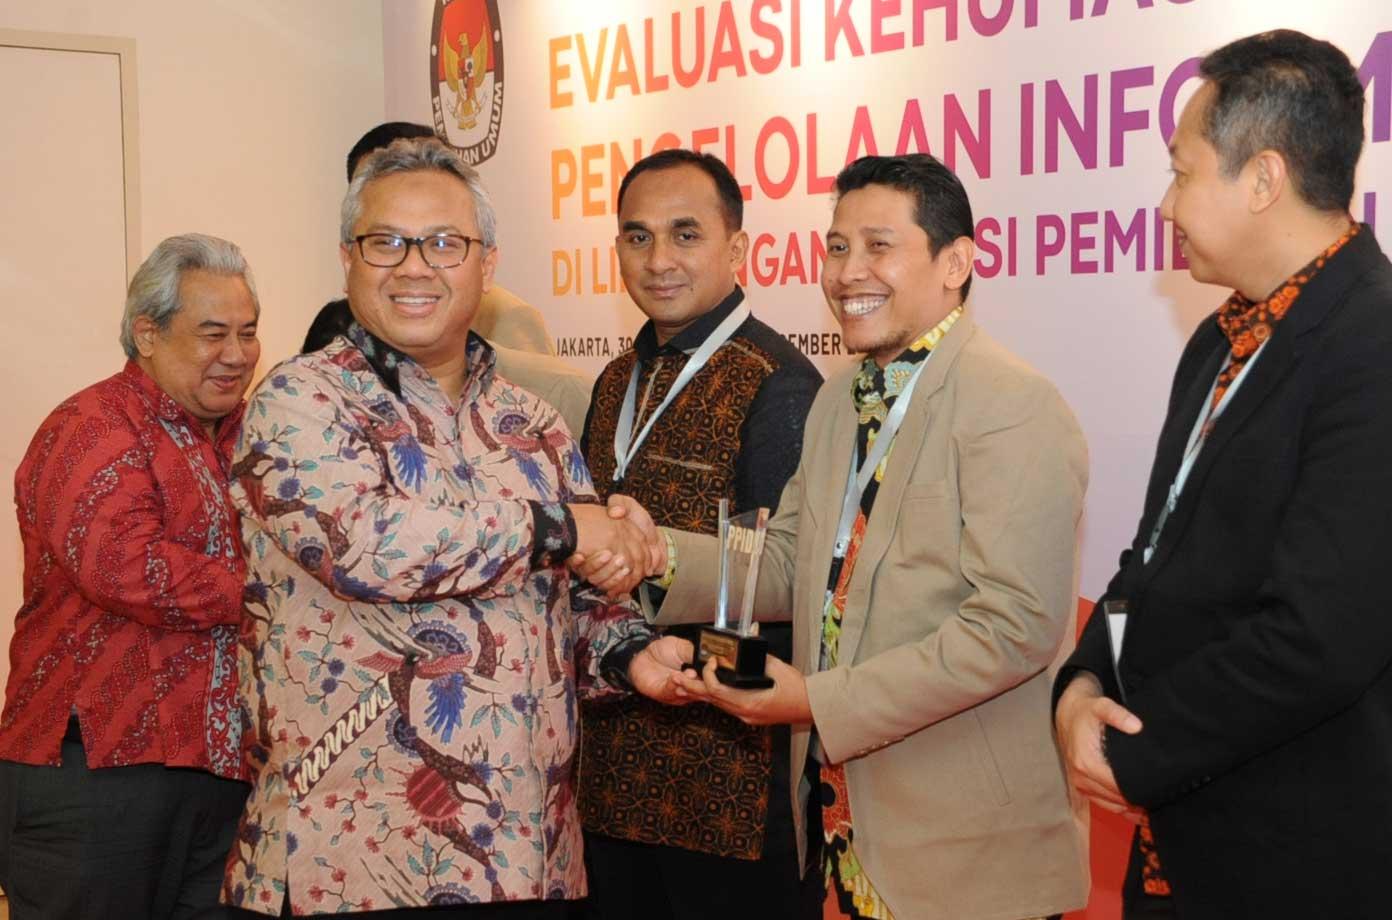 Penganugerahan Pemeringkatan PPID KPU Provinsi/KIP Aceh dalam Rapat Evaluasi PPID Tahun 2018